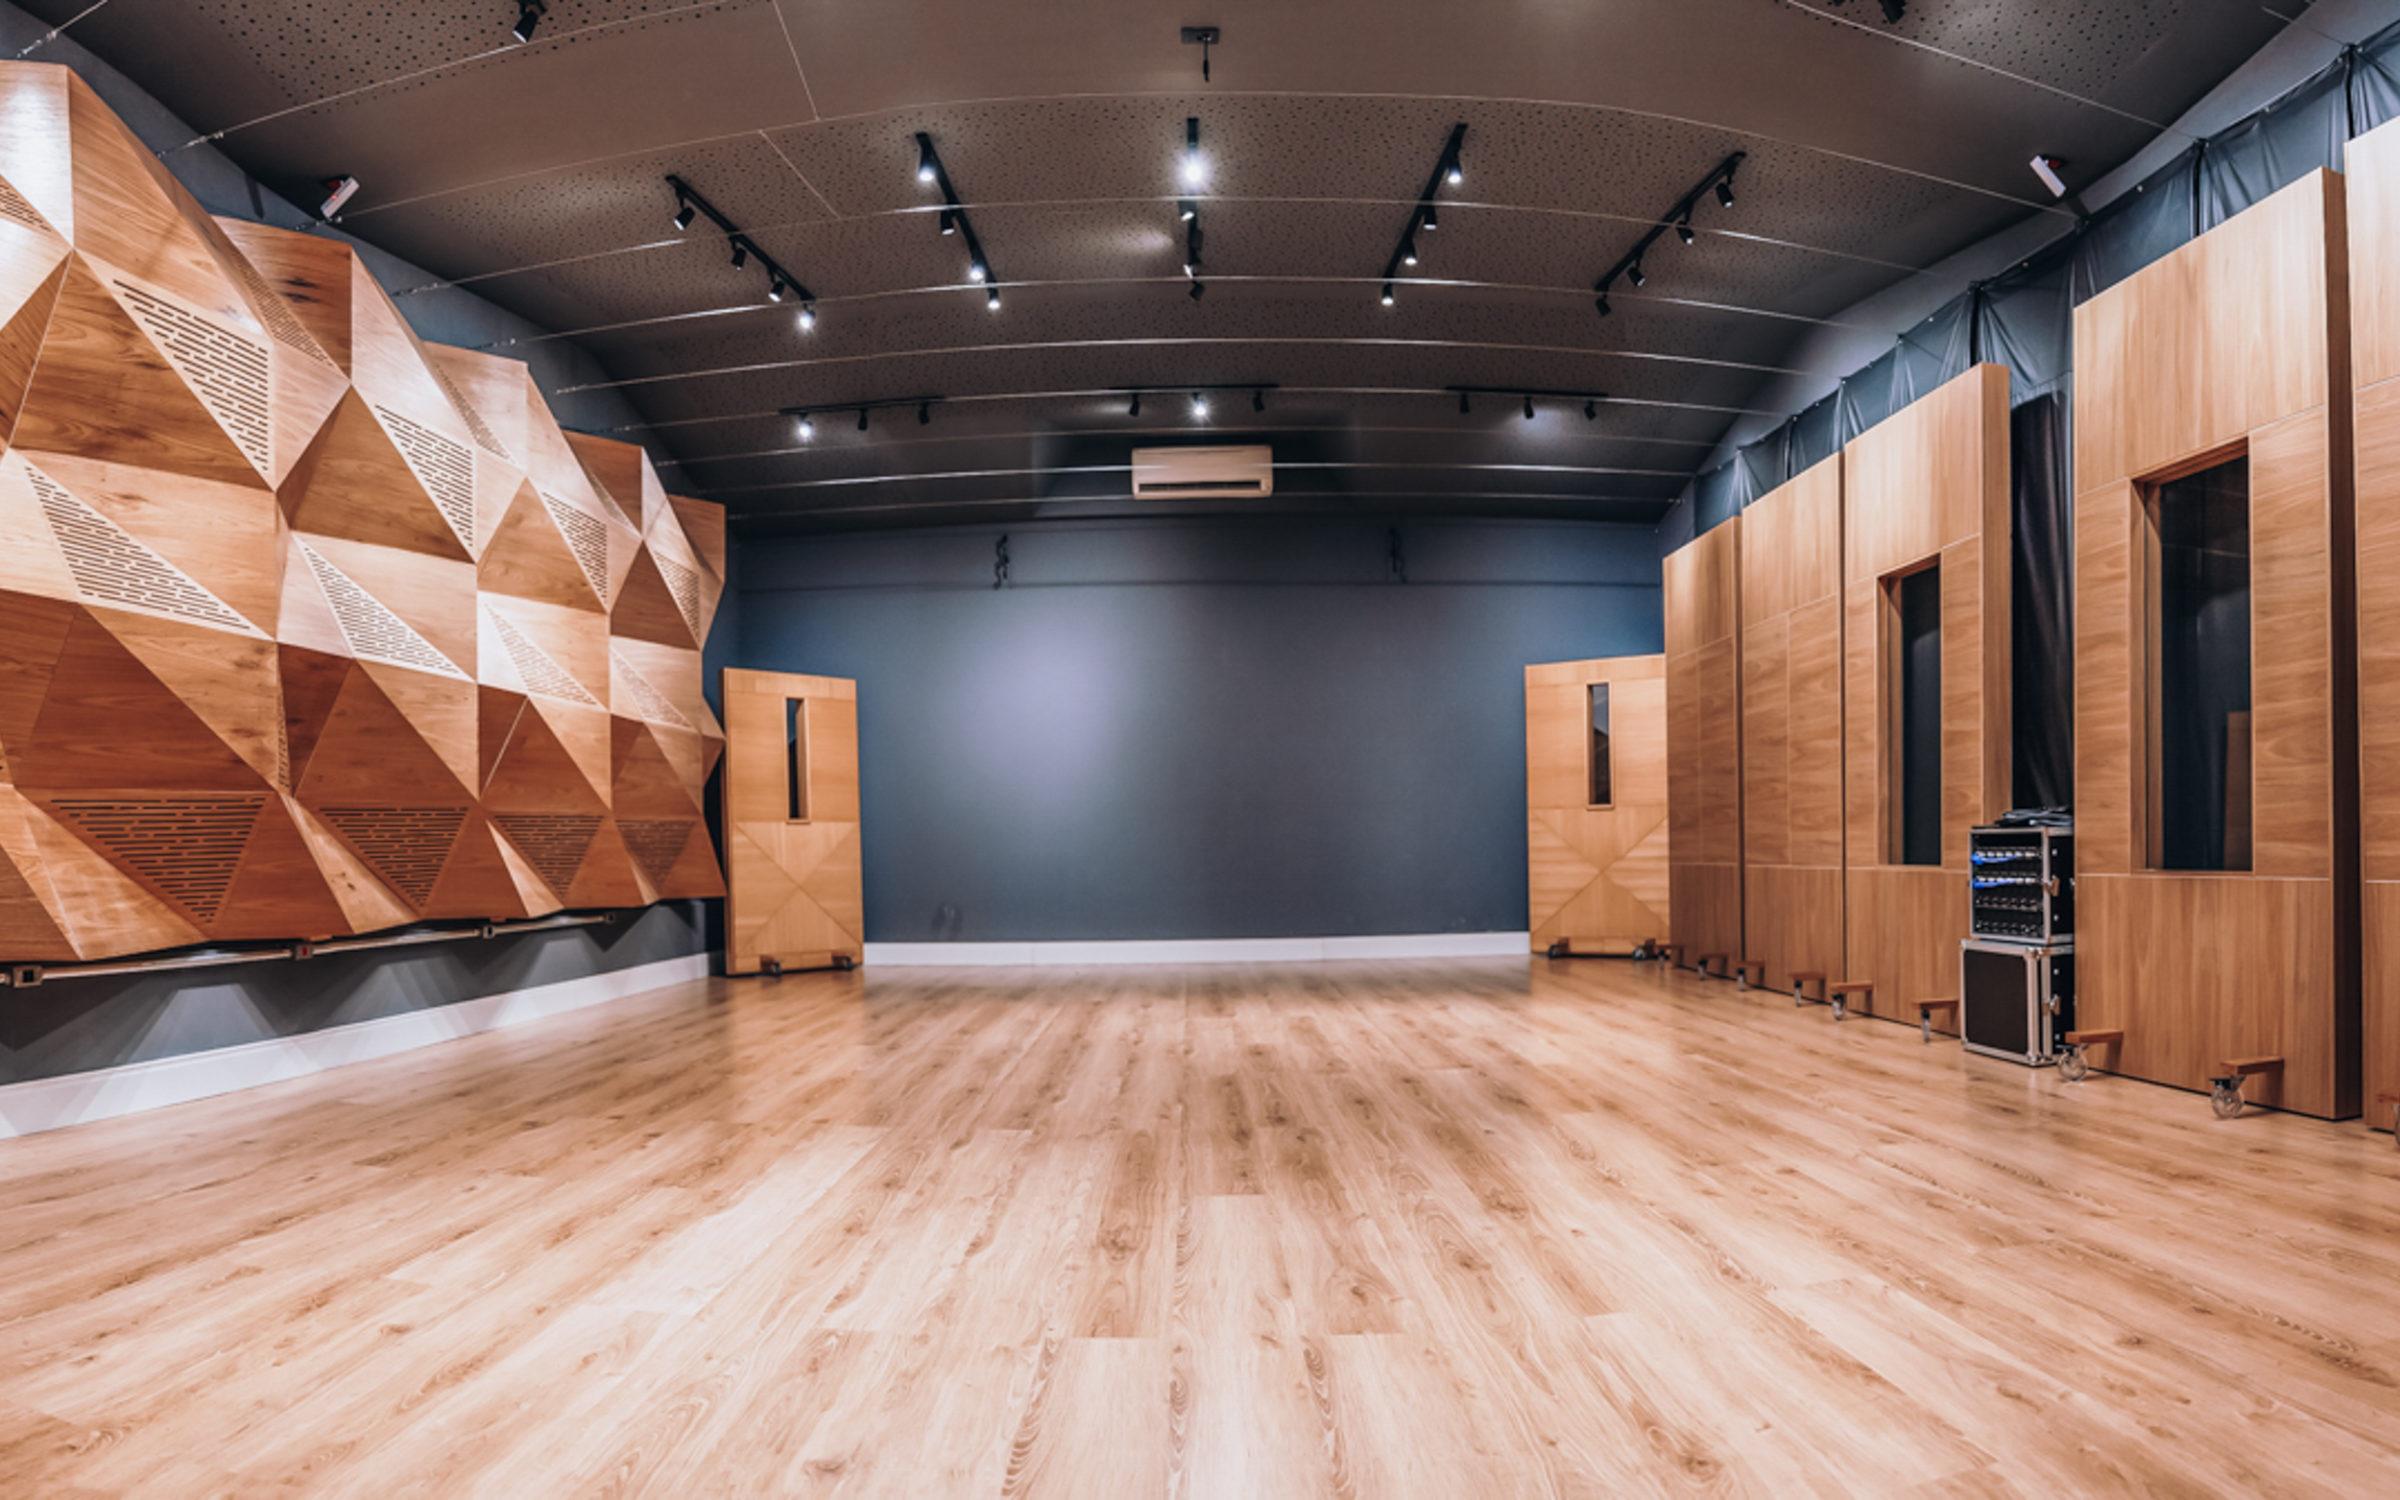 Estúdio de gravação de podcast e locução, Loc On Demand. São Paulo.